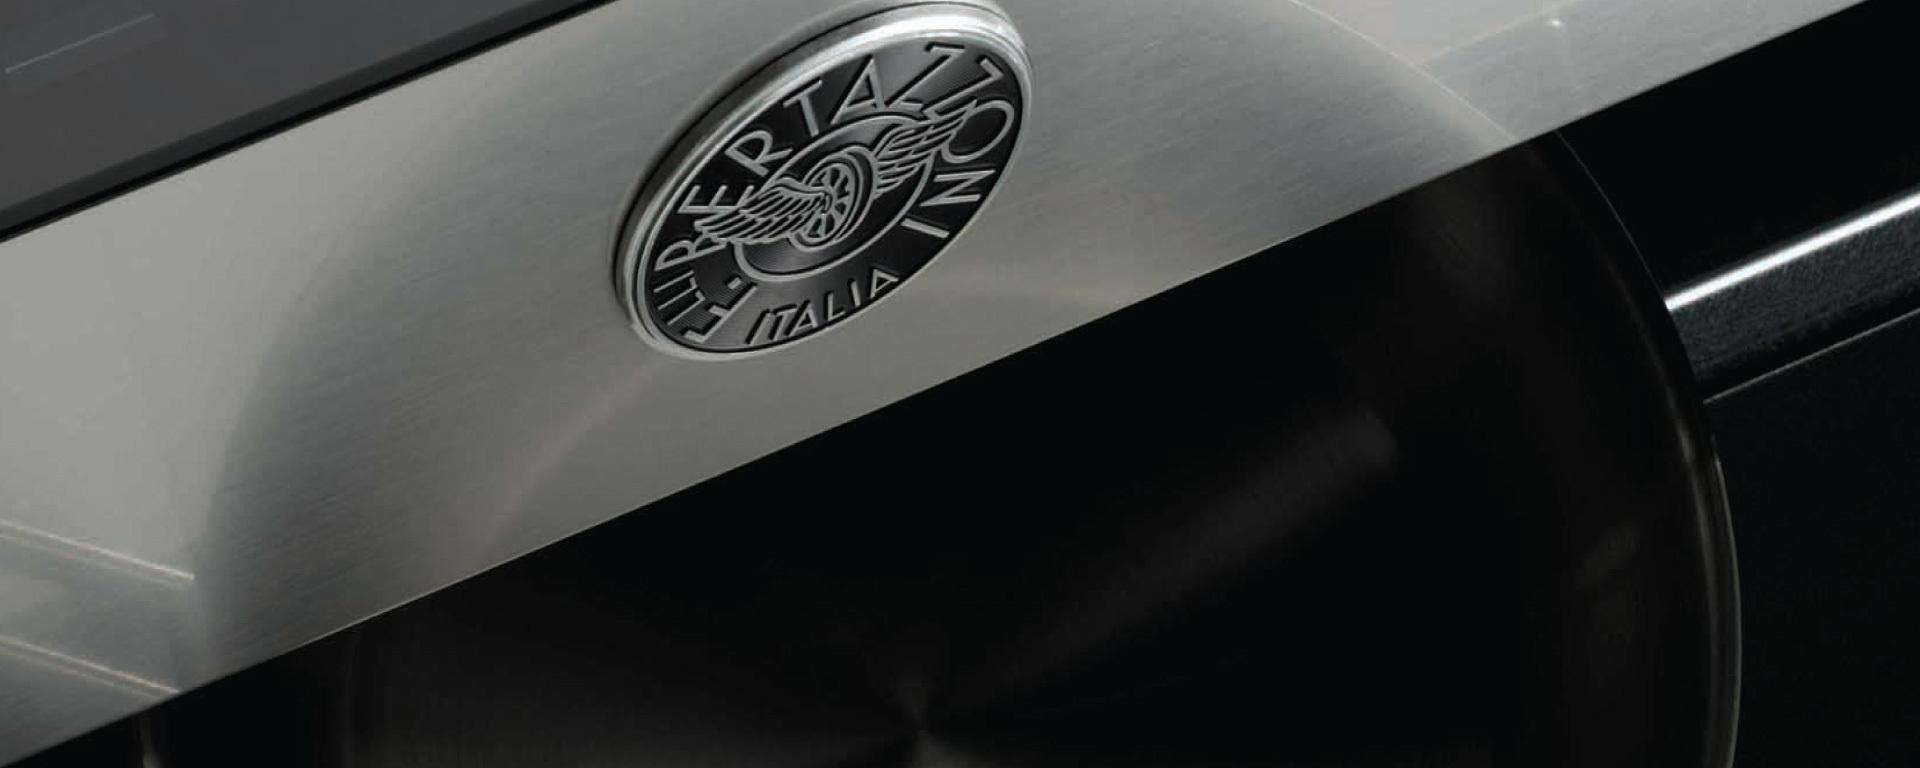 Электрическая плита Bertazzoni PRO1005IMFETXT